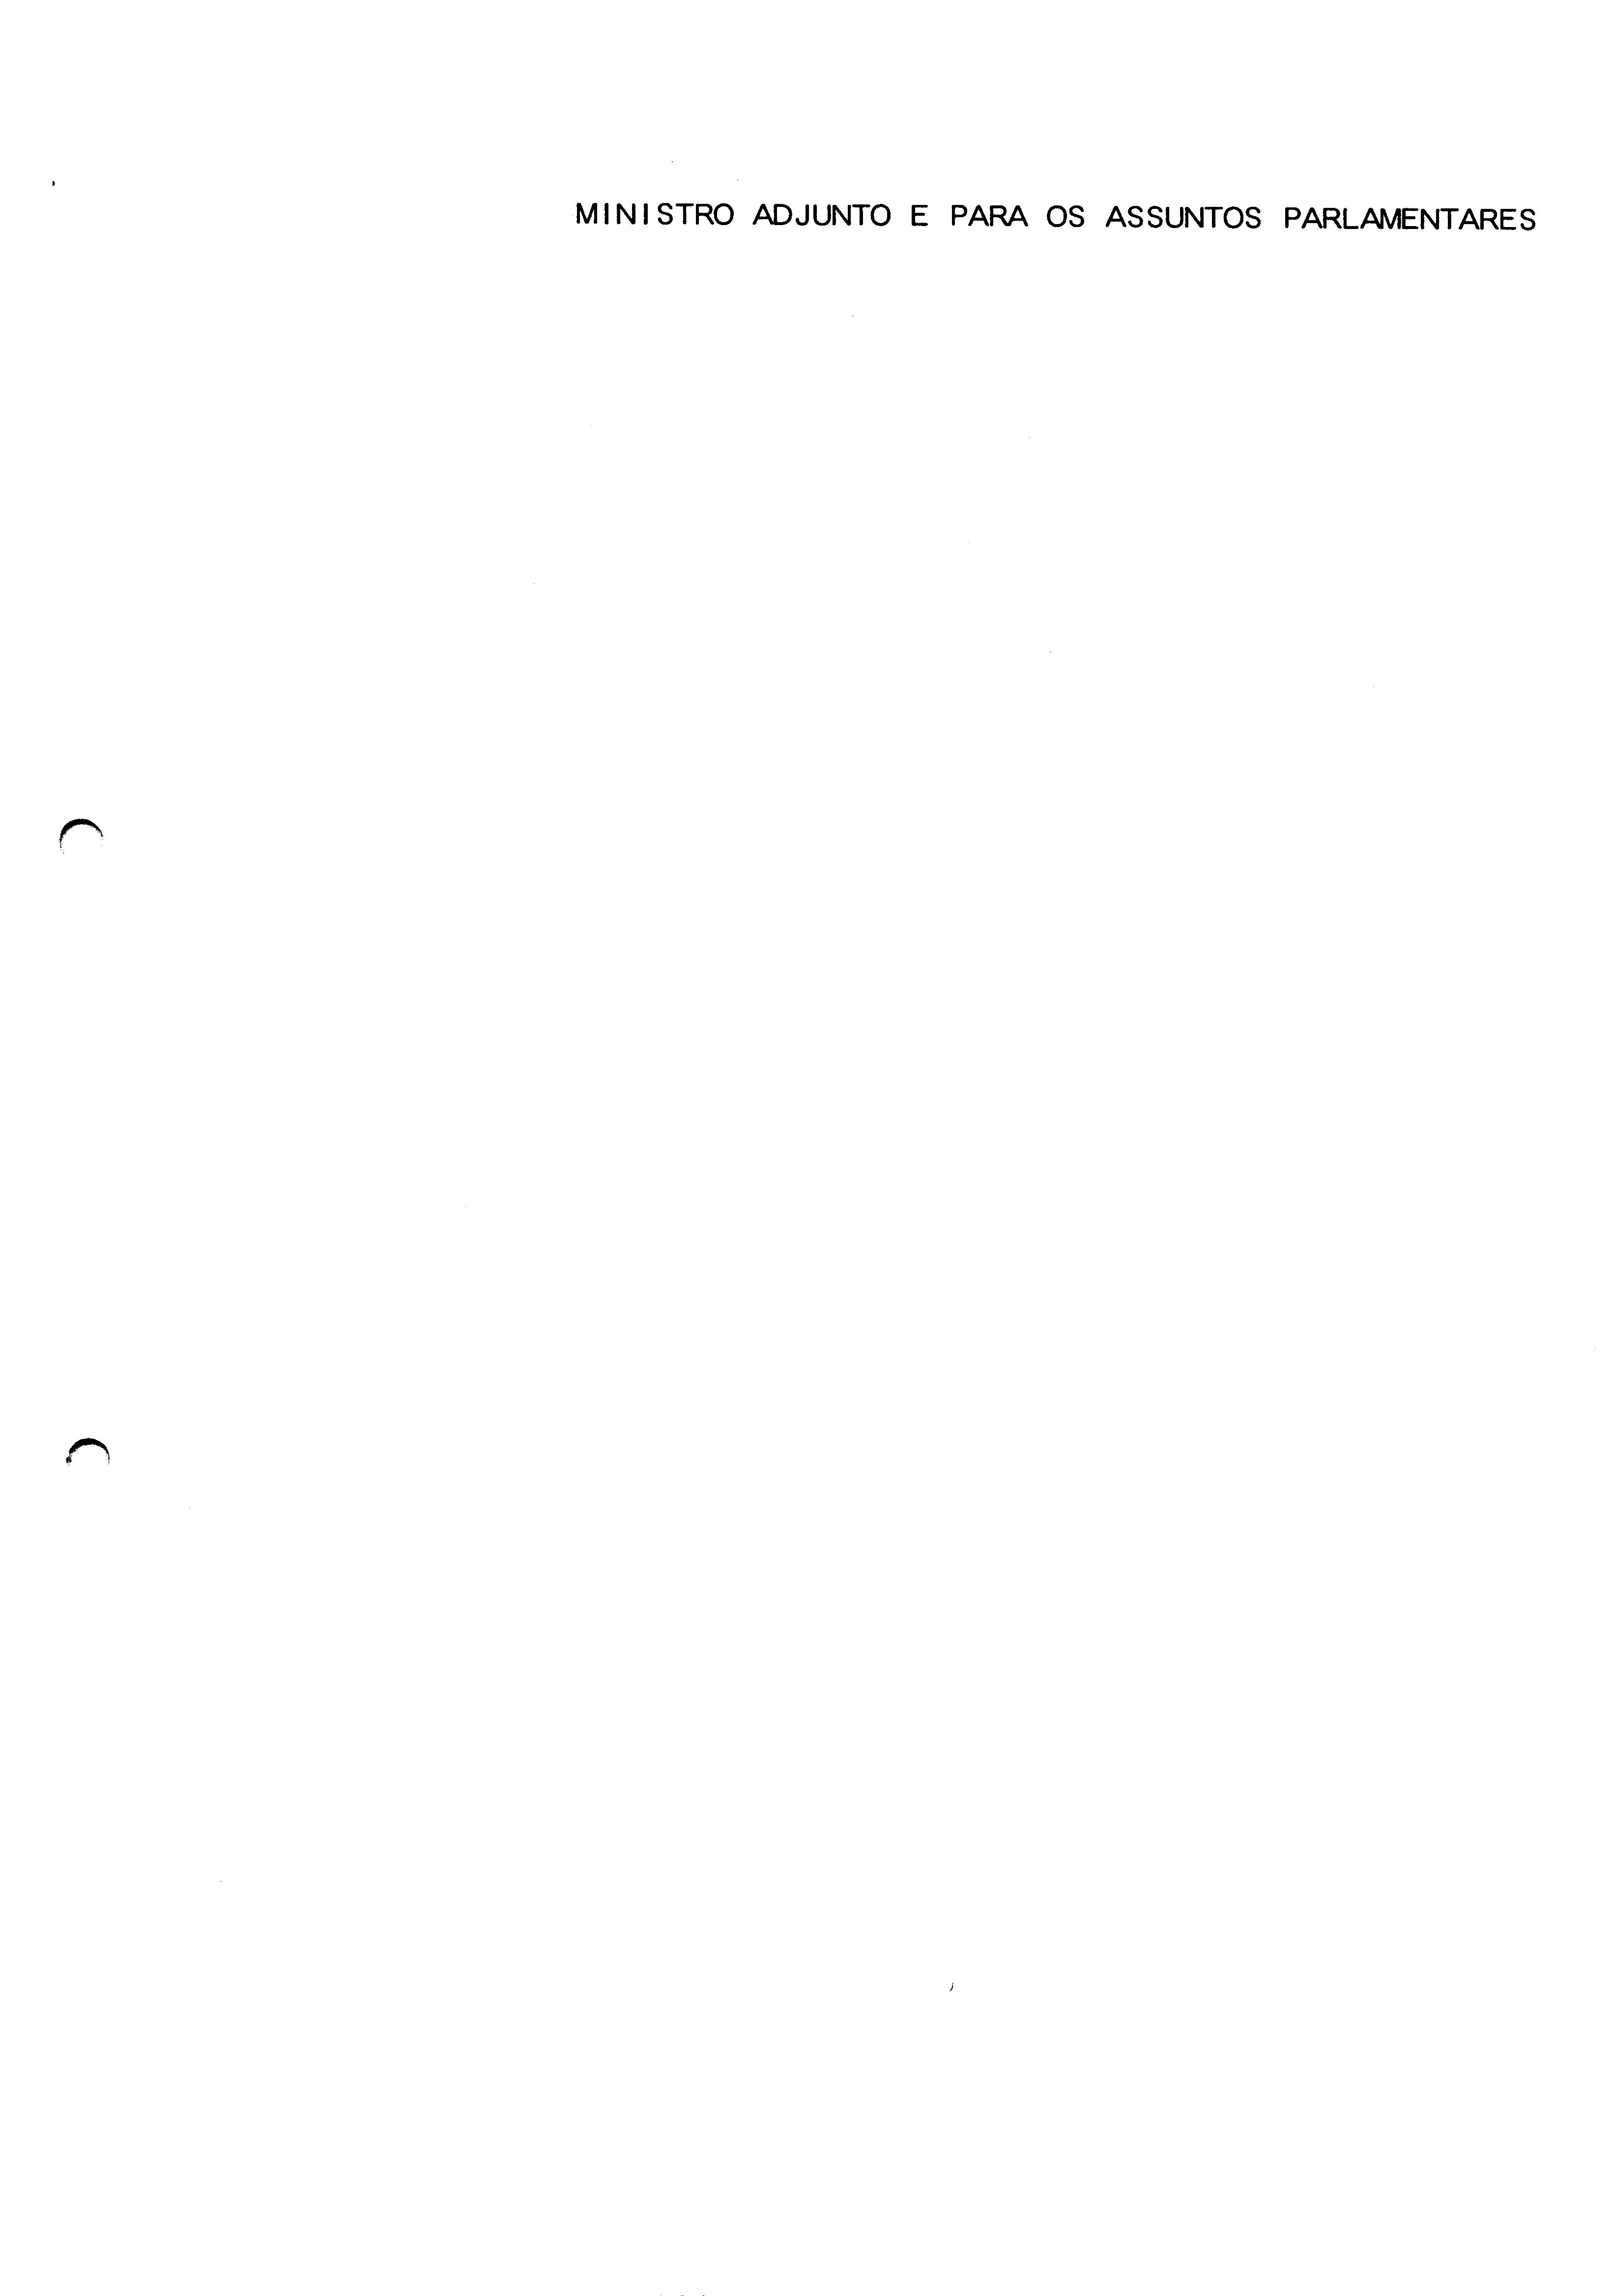 00405.020- pag.1